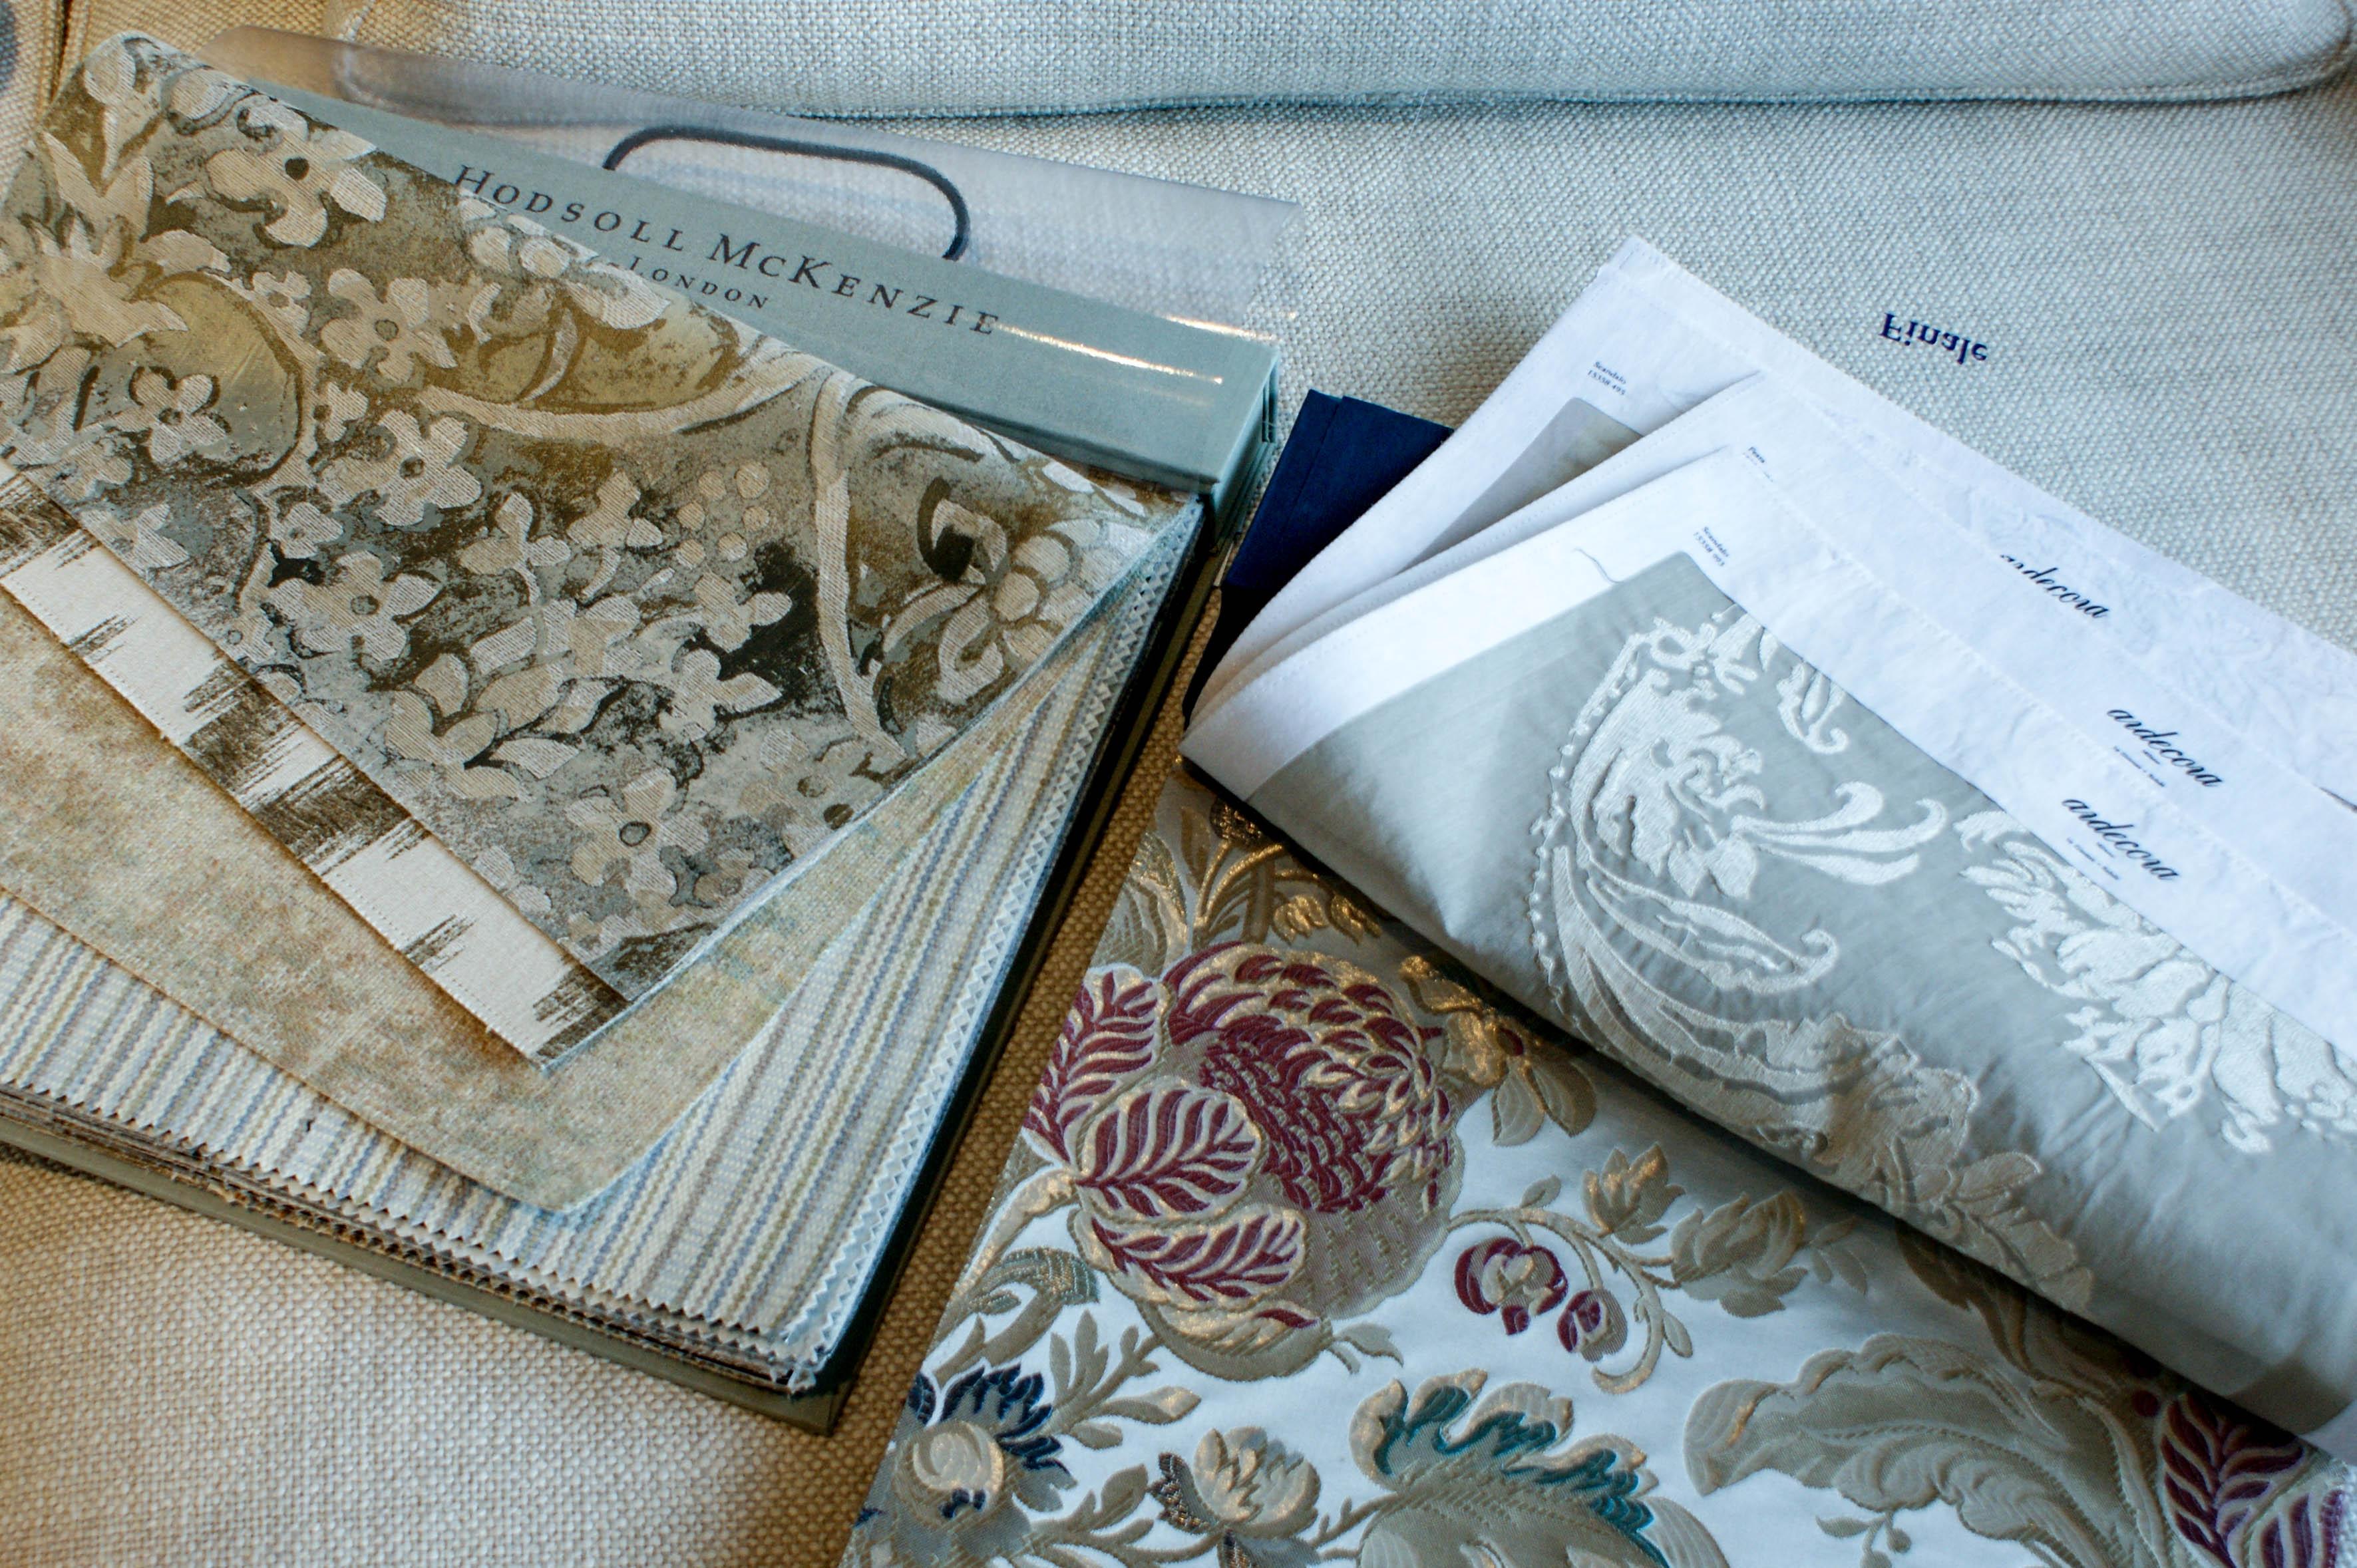 McKenzie - collezione tessile BertO